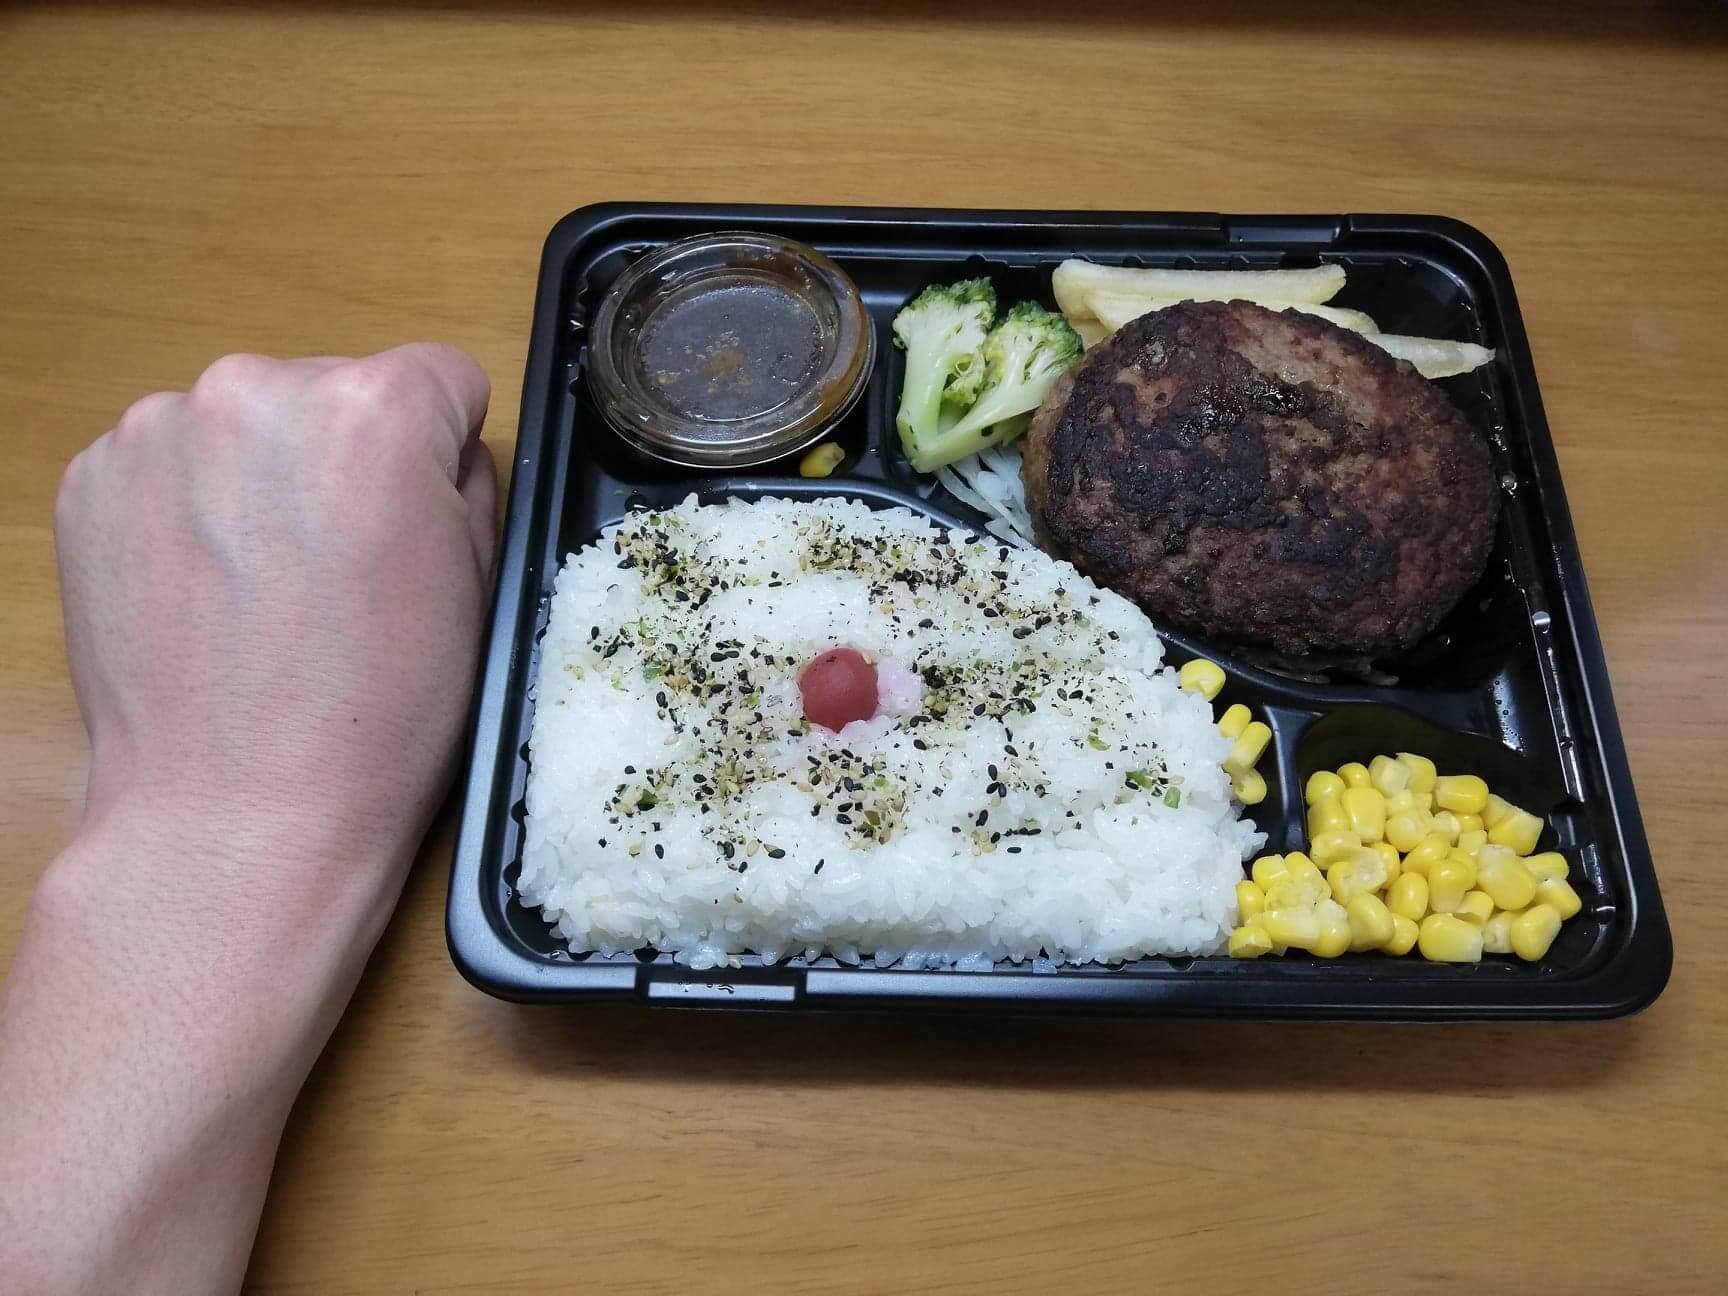 ブロンコビリーの『ビリーハンバーグ弁当』と拳のサイズ比較写真